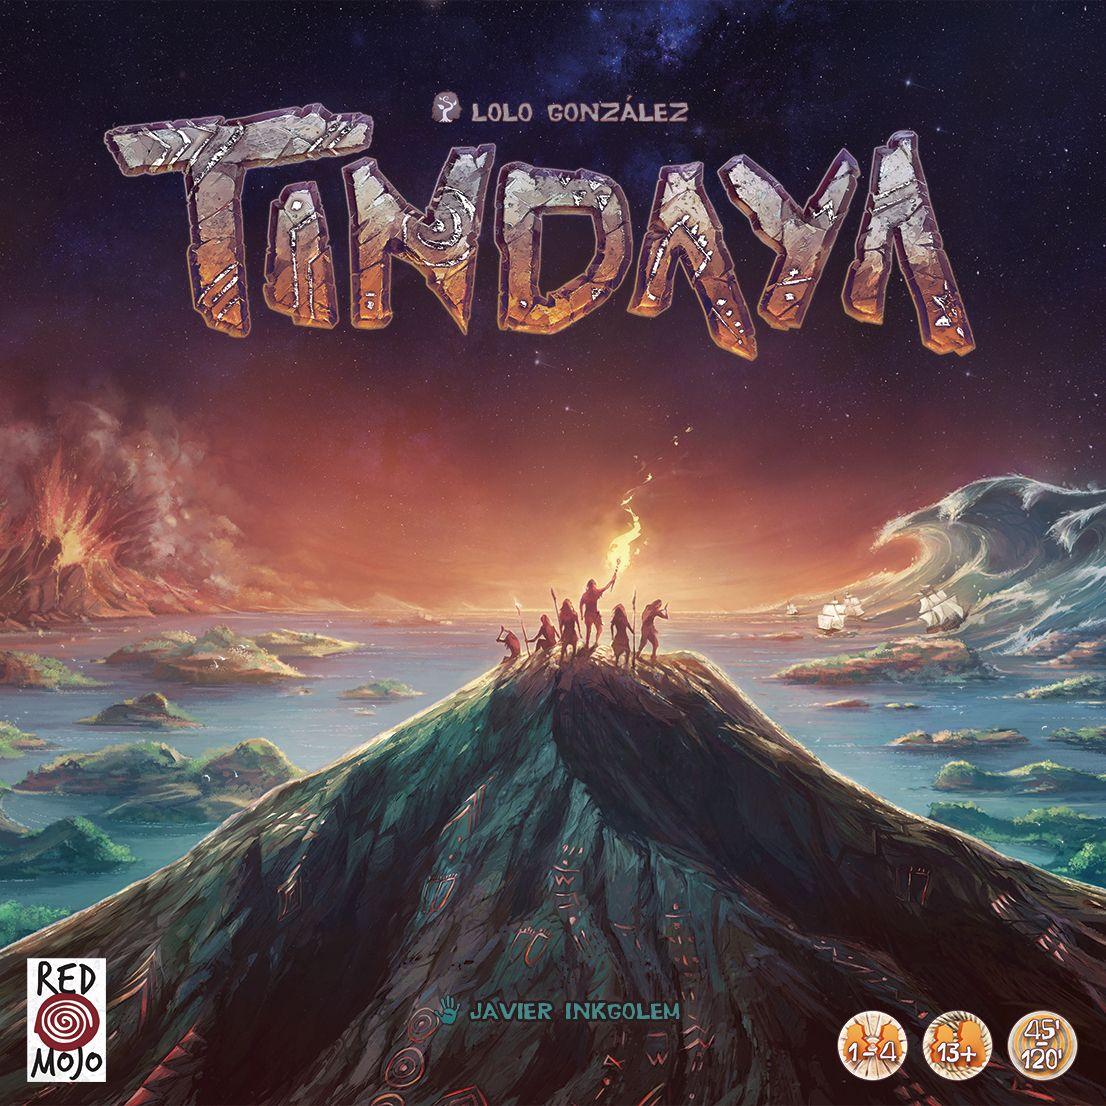 Tindaya